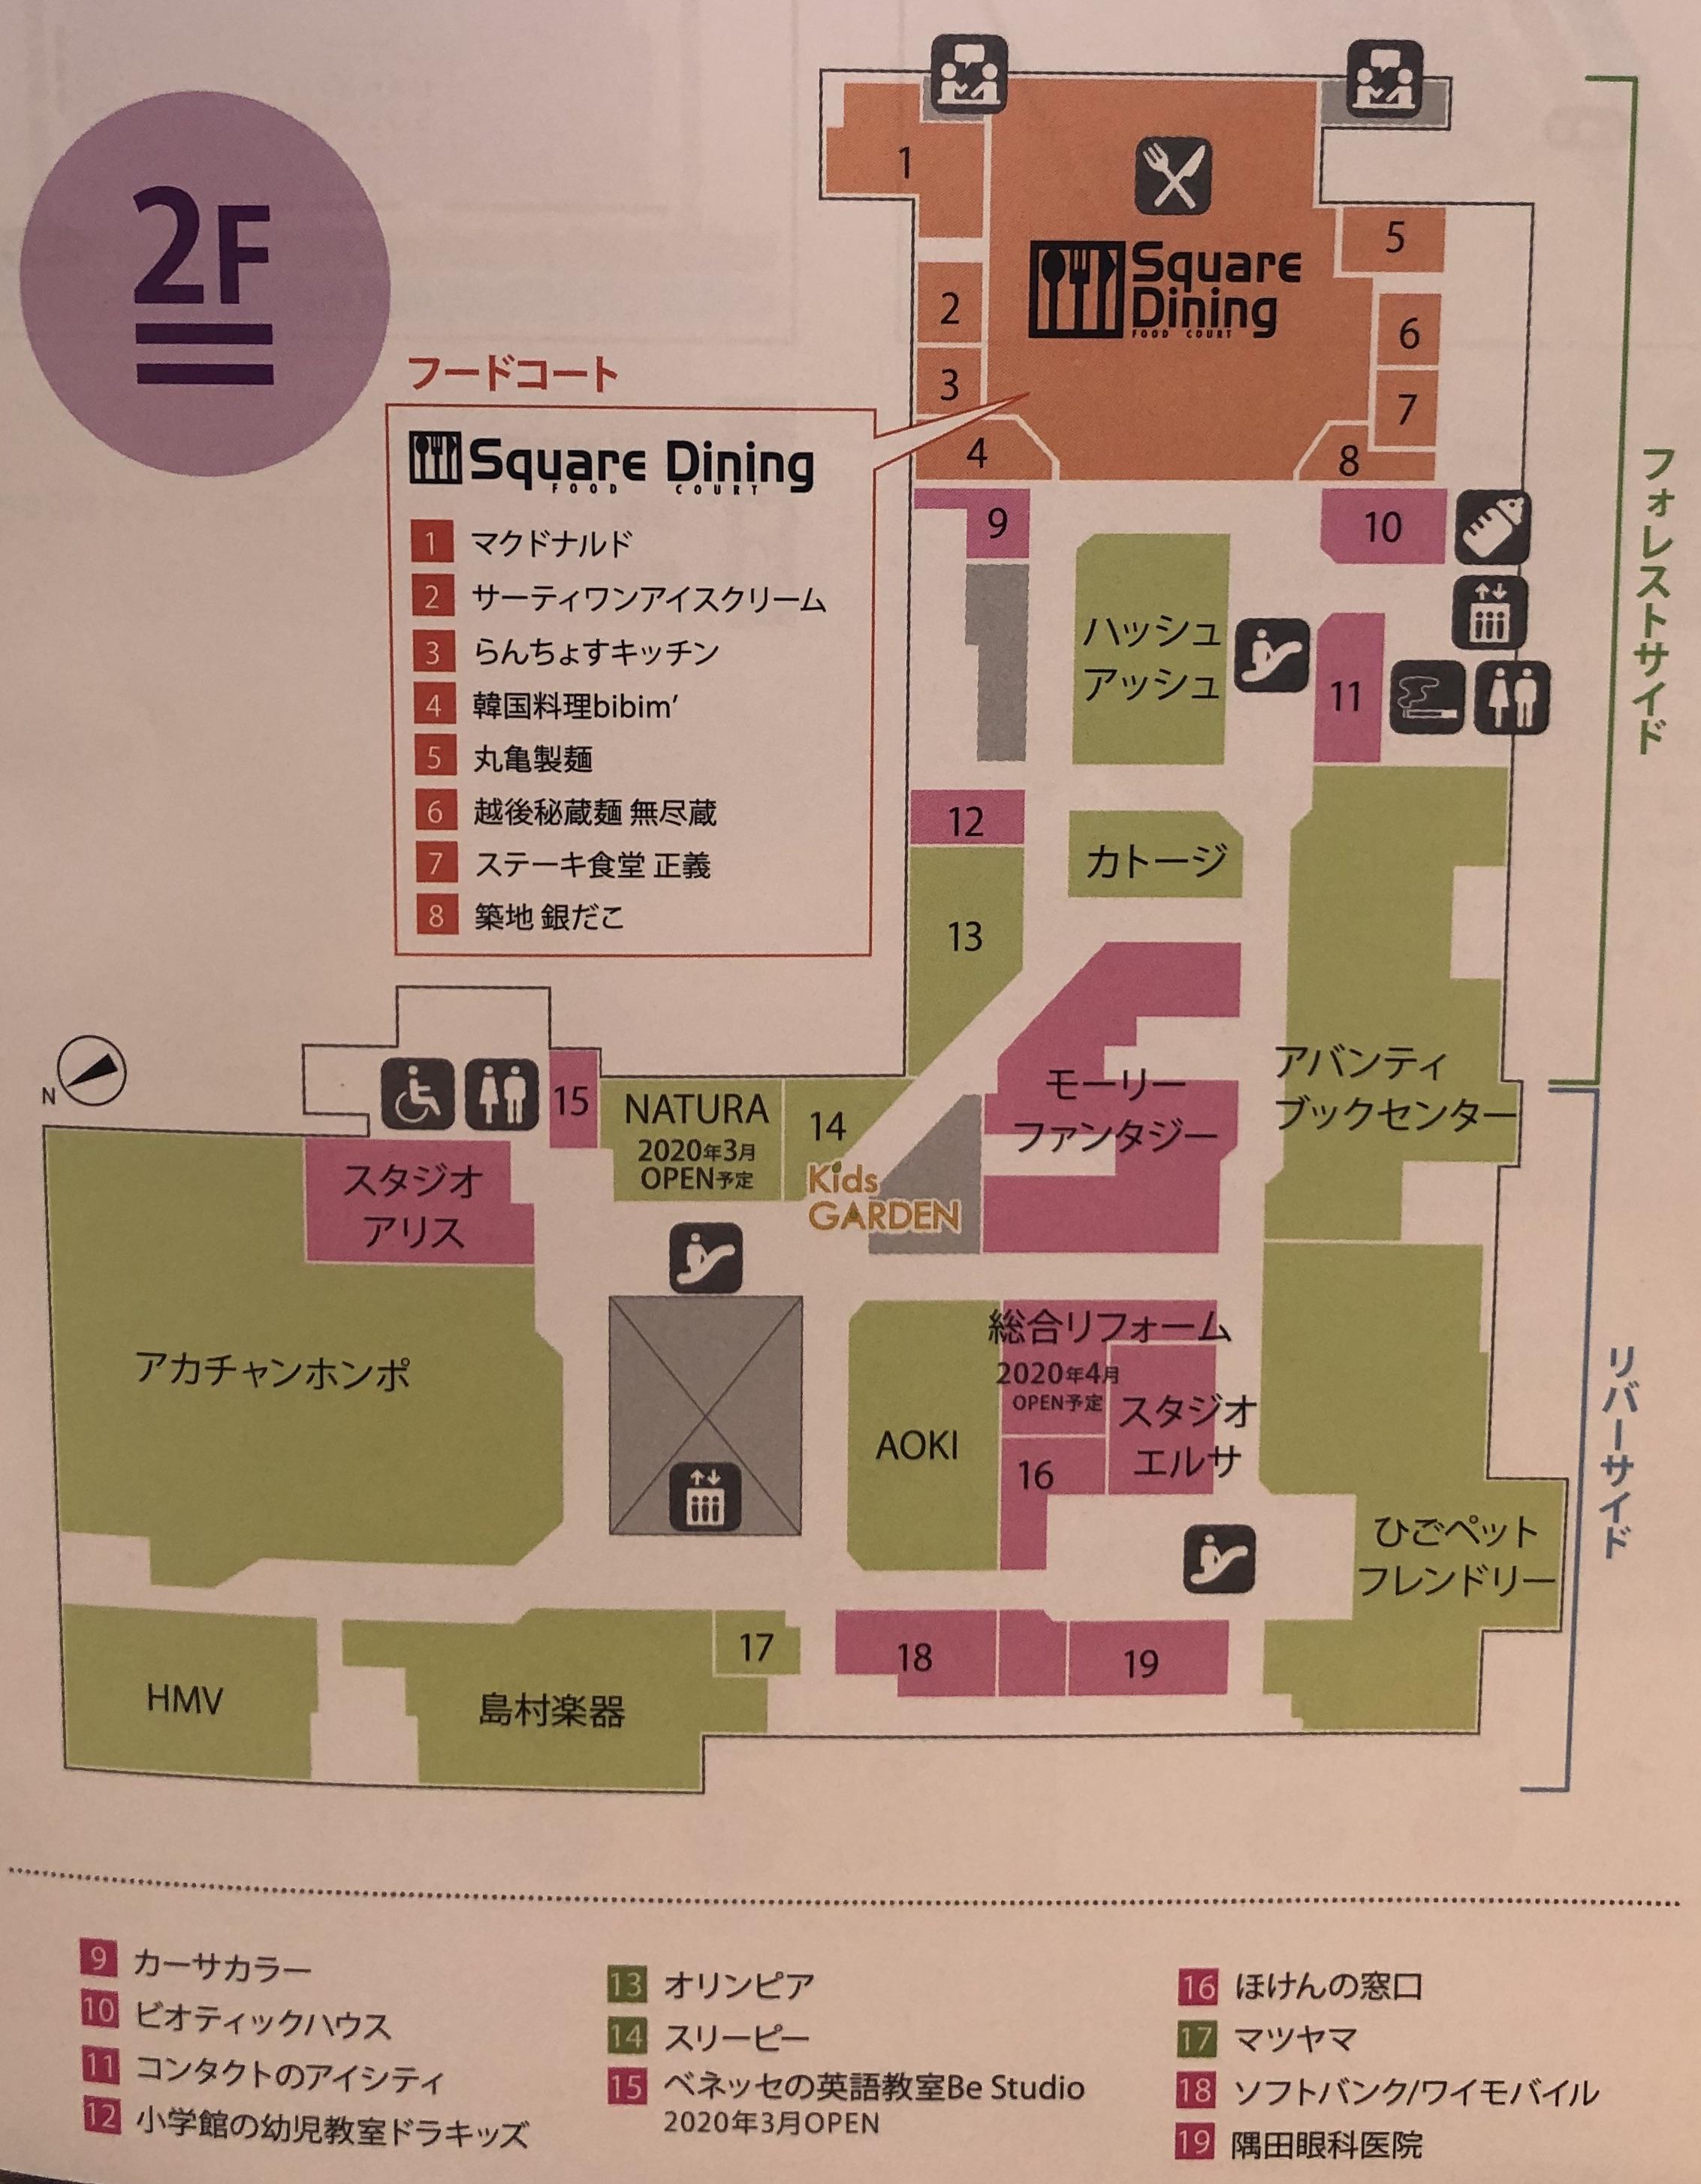 カナート洛北(洛北阪急スクエア)2階の店舗一覧と店内写真